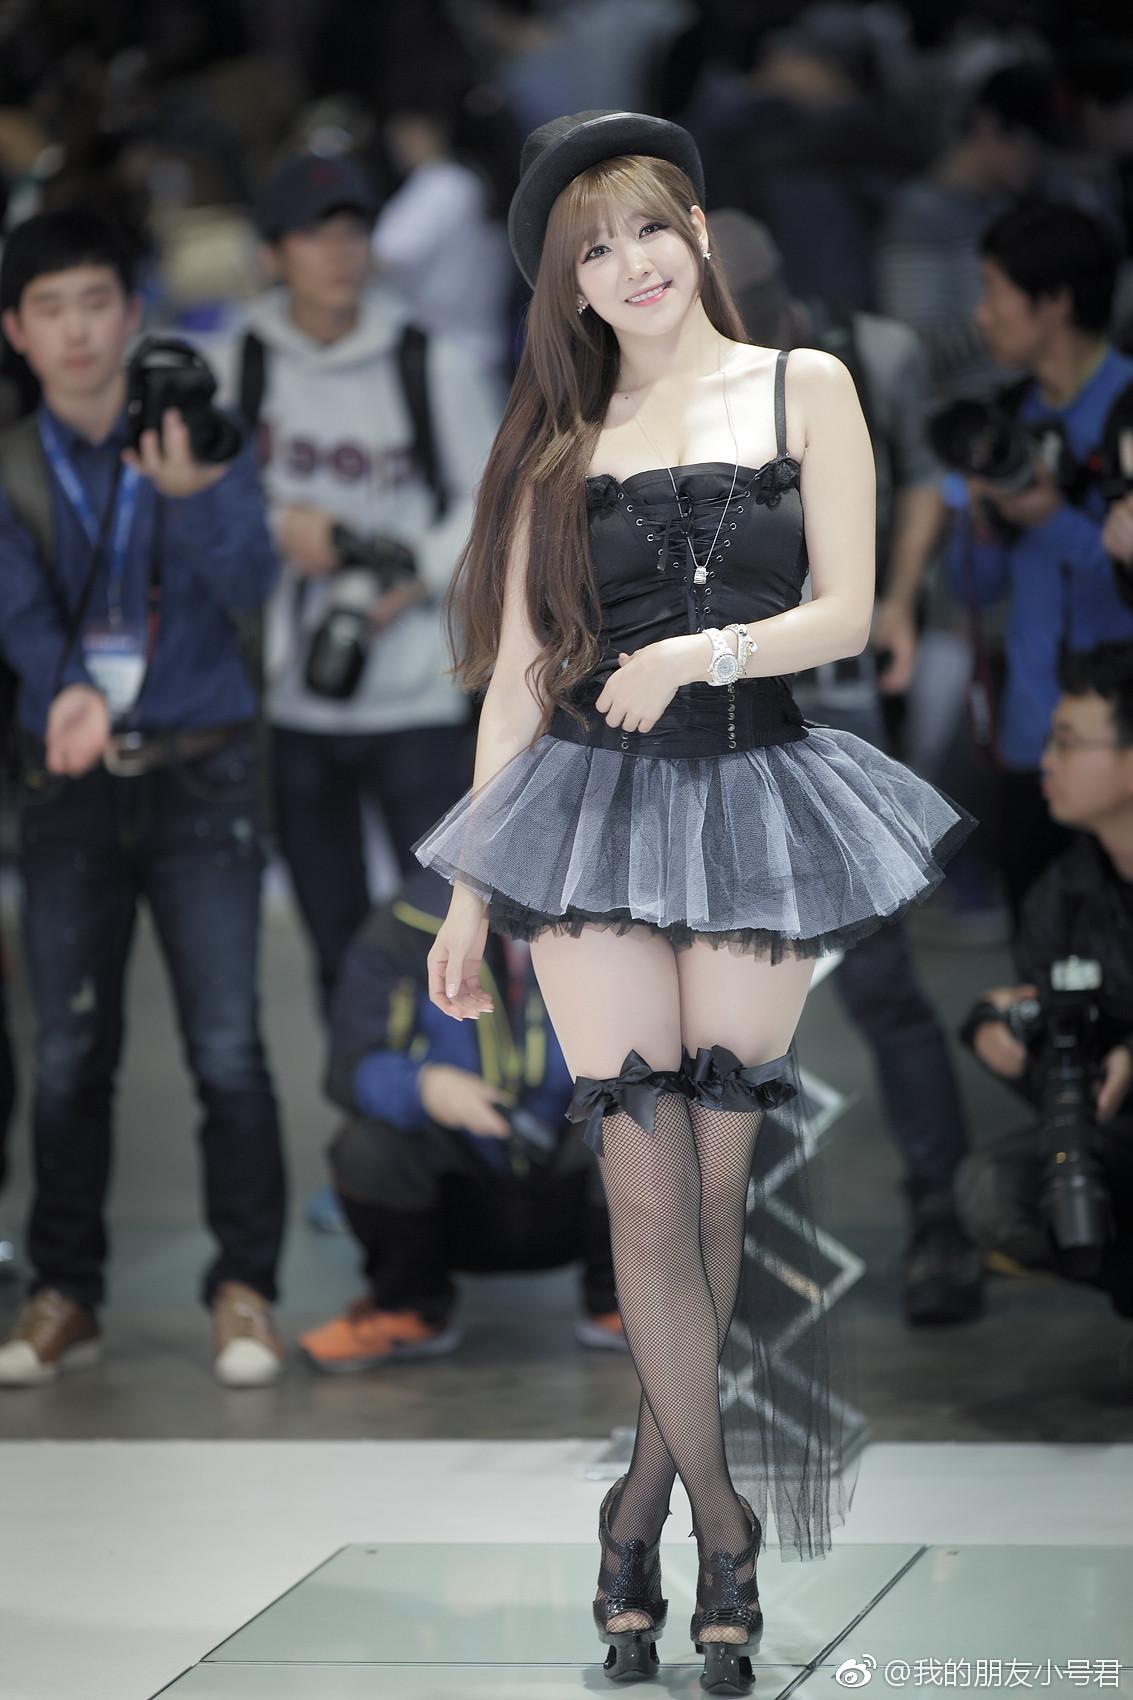 韩国妹子Lee Eun Hye ,大概,这就是心动的感觉吧 美女写真-第4张